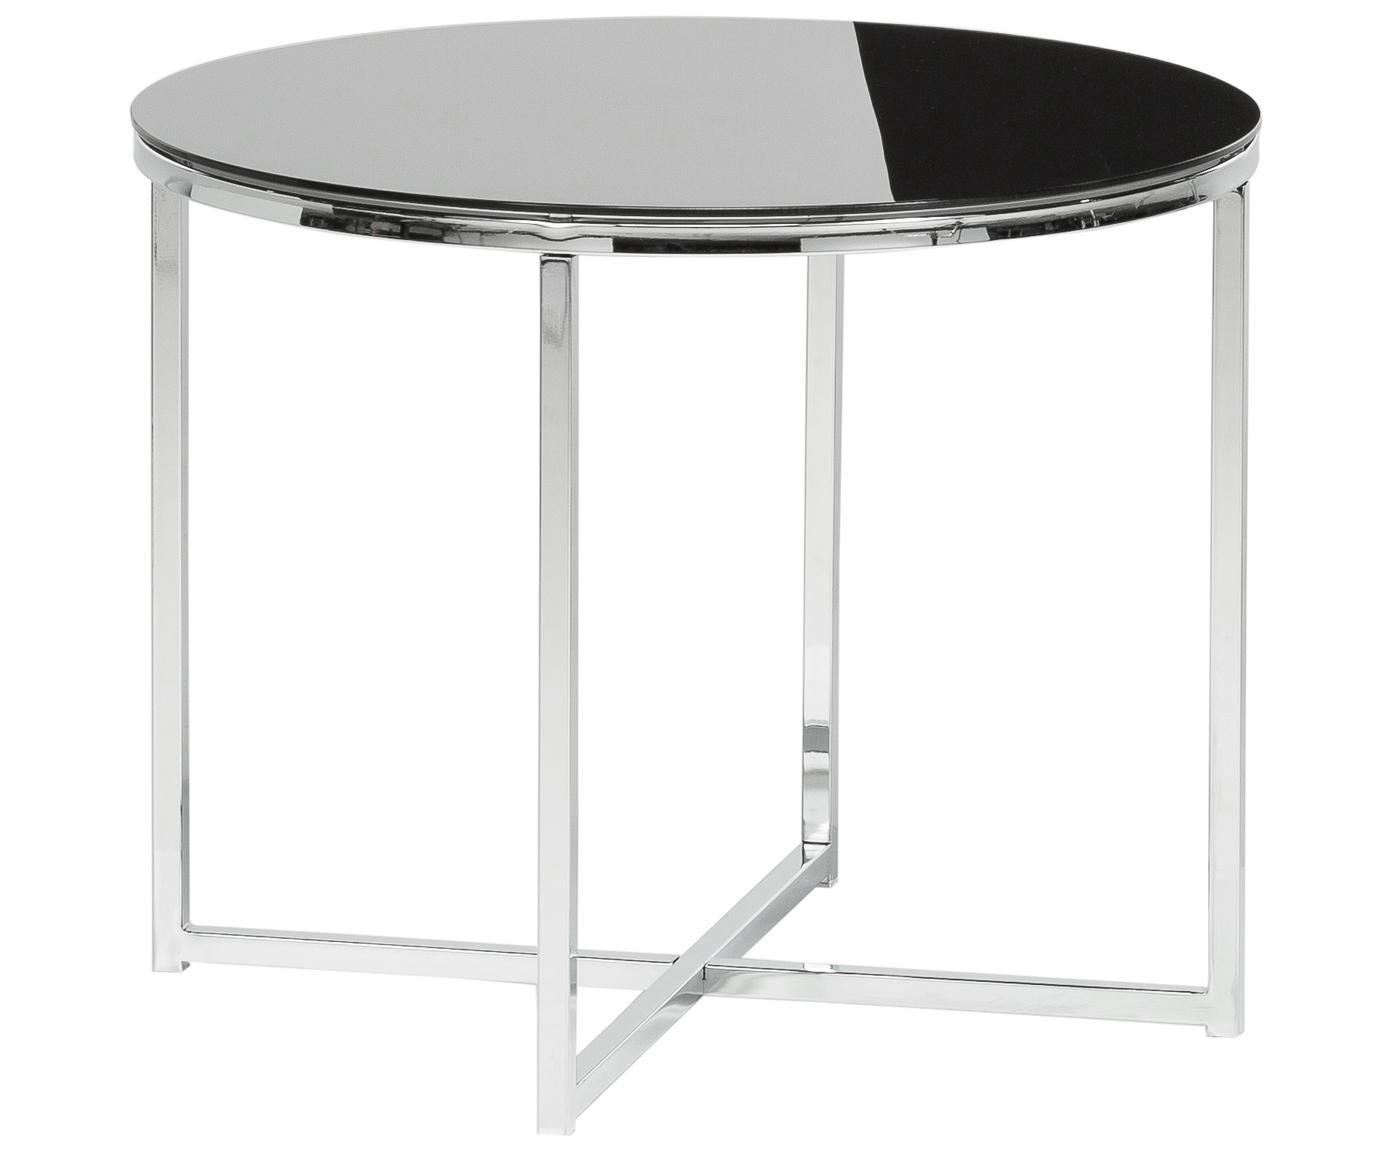 Tavolino con piano in vetro nero Cross, Piano d'appoggio: vetro, Nero, metallo cromato, Ø 55 x Alt. 45 cm